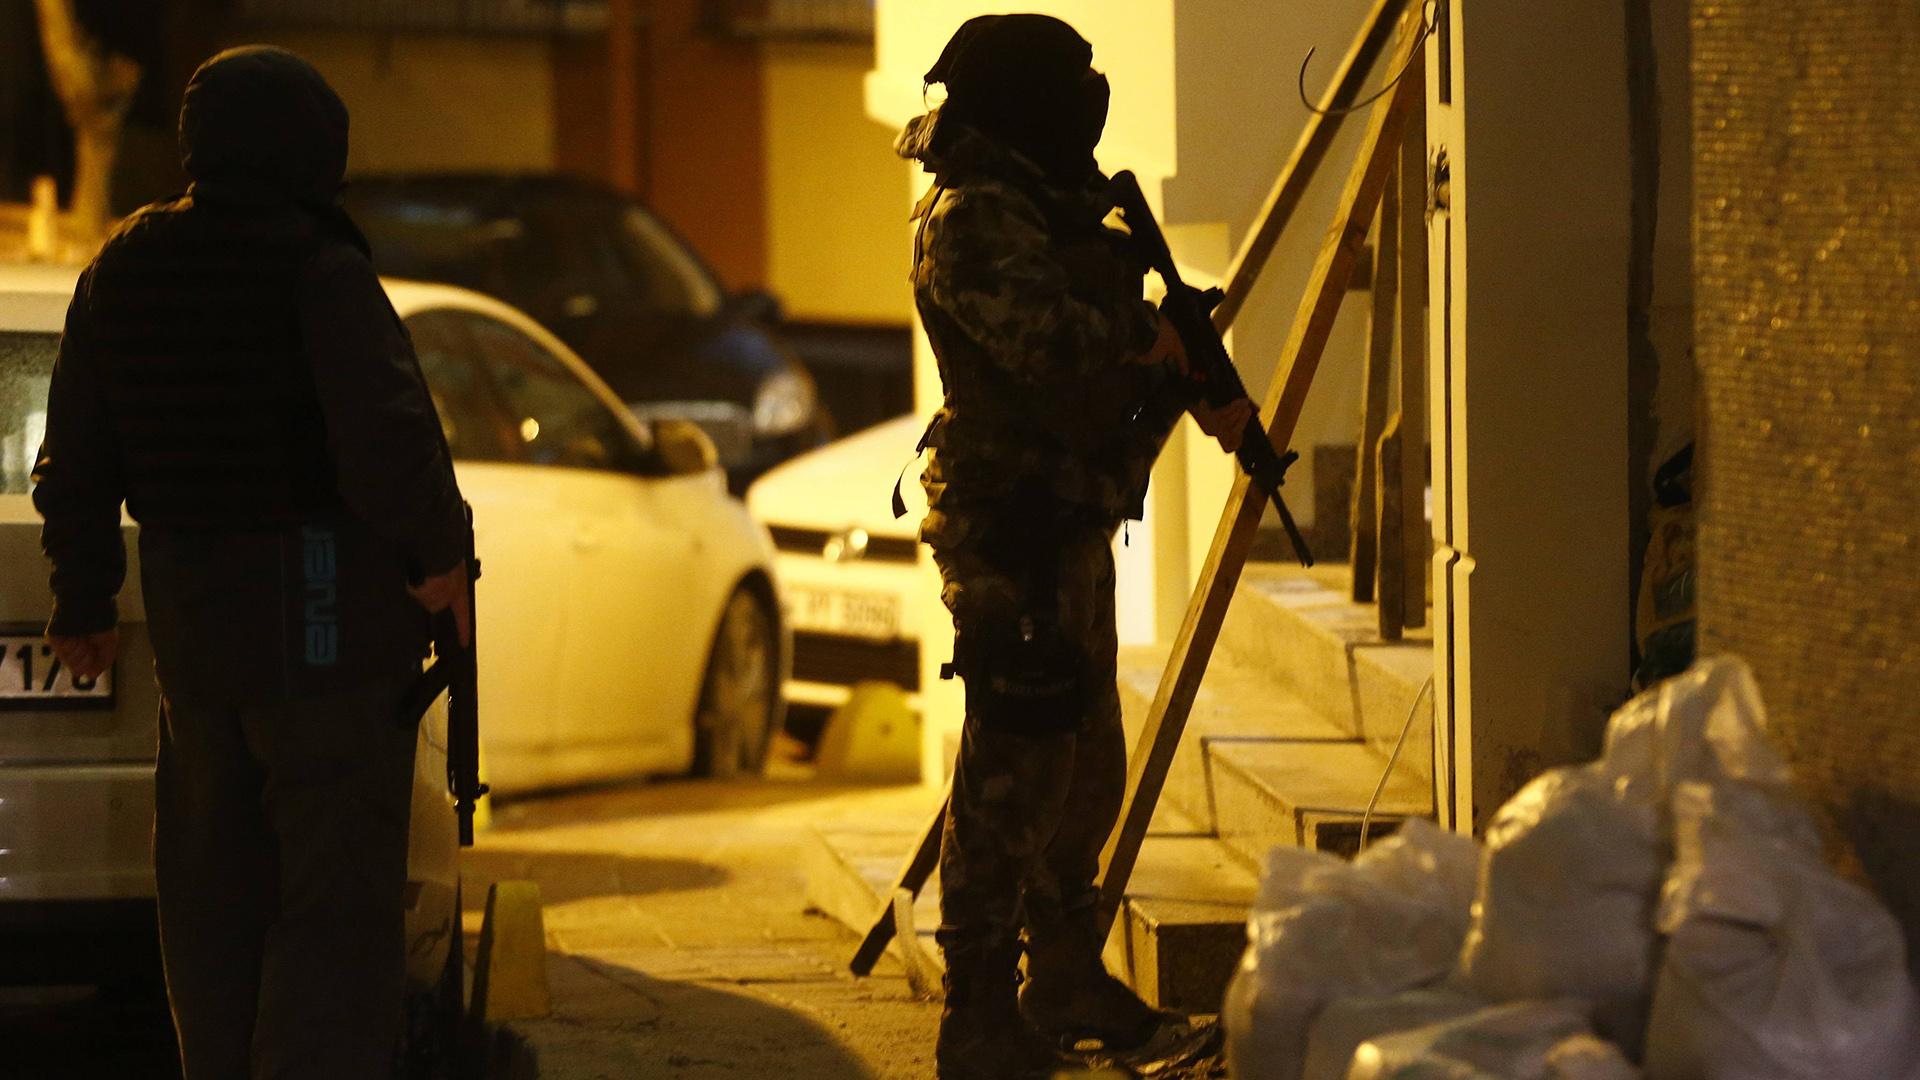 Hubo 15 operativos policiales en la ciudad de Estambul (Reuters)